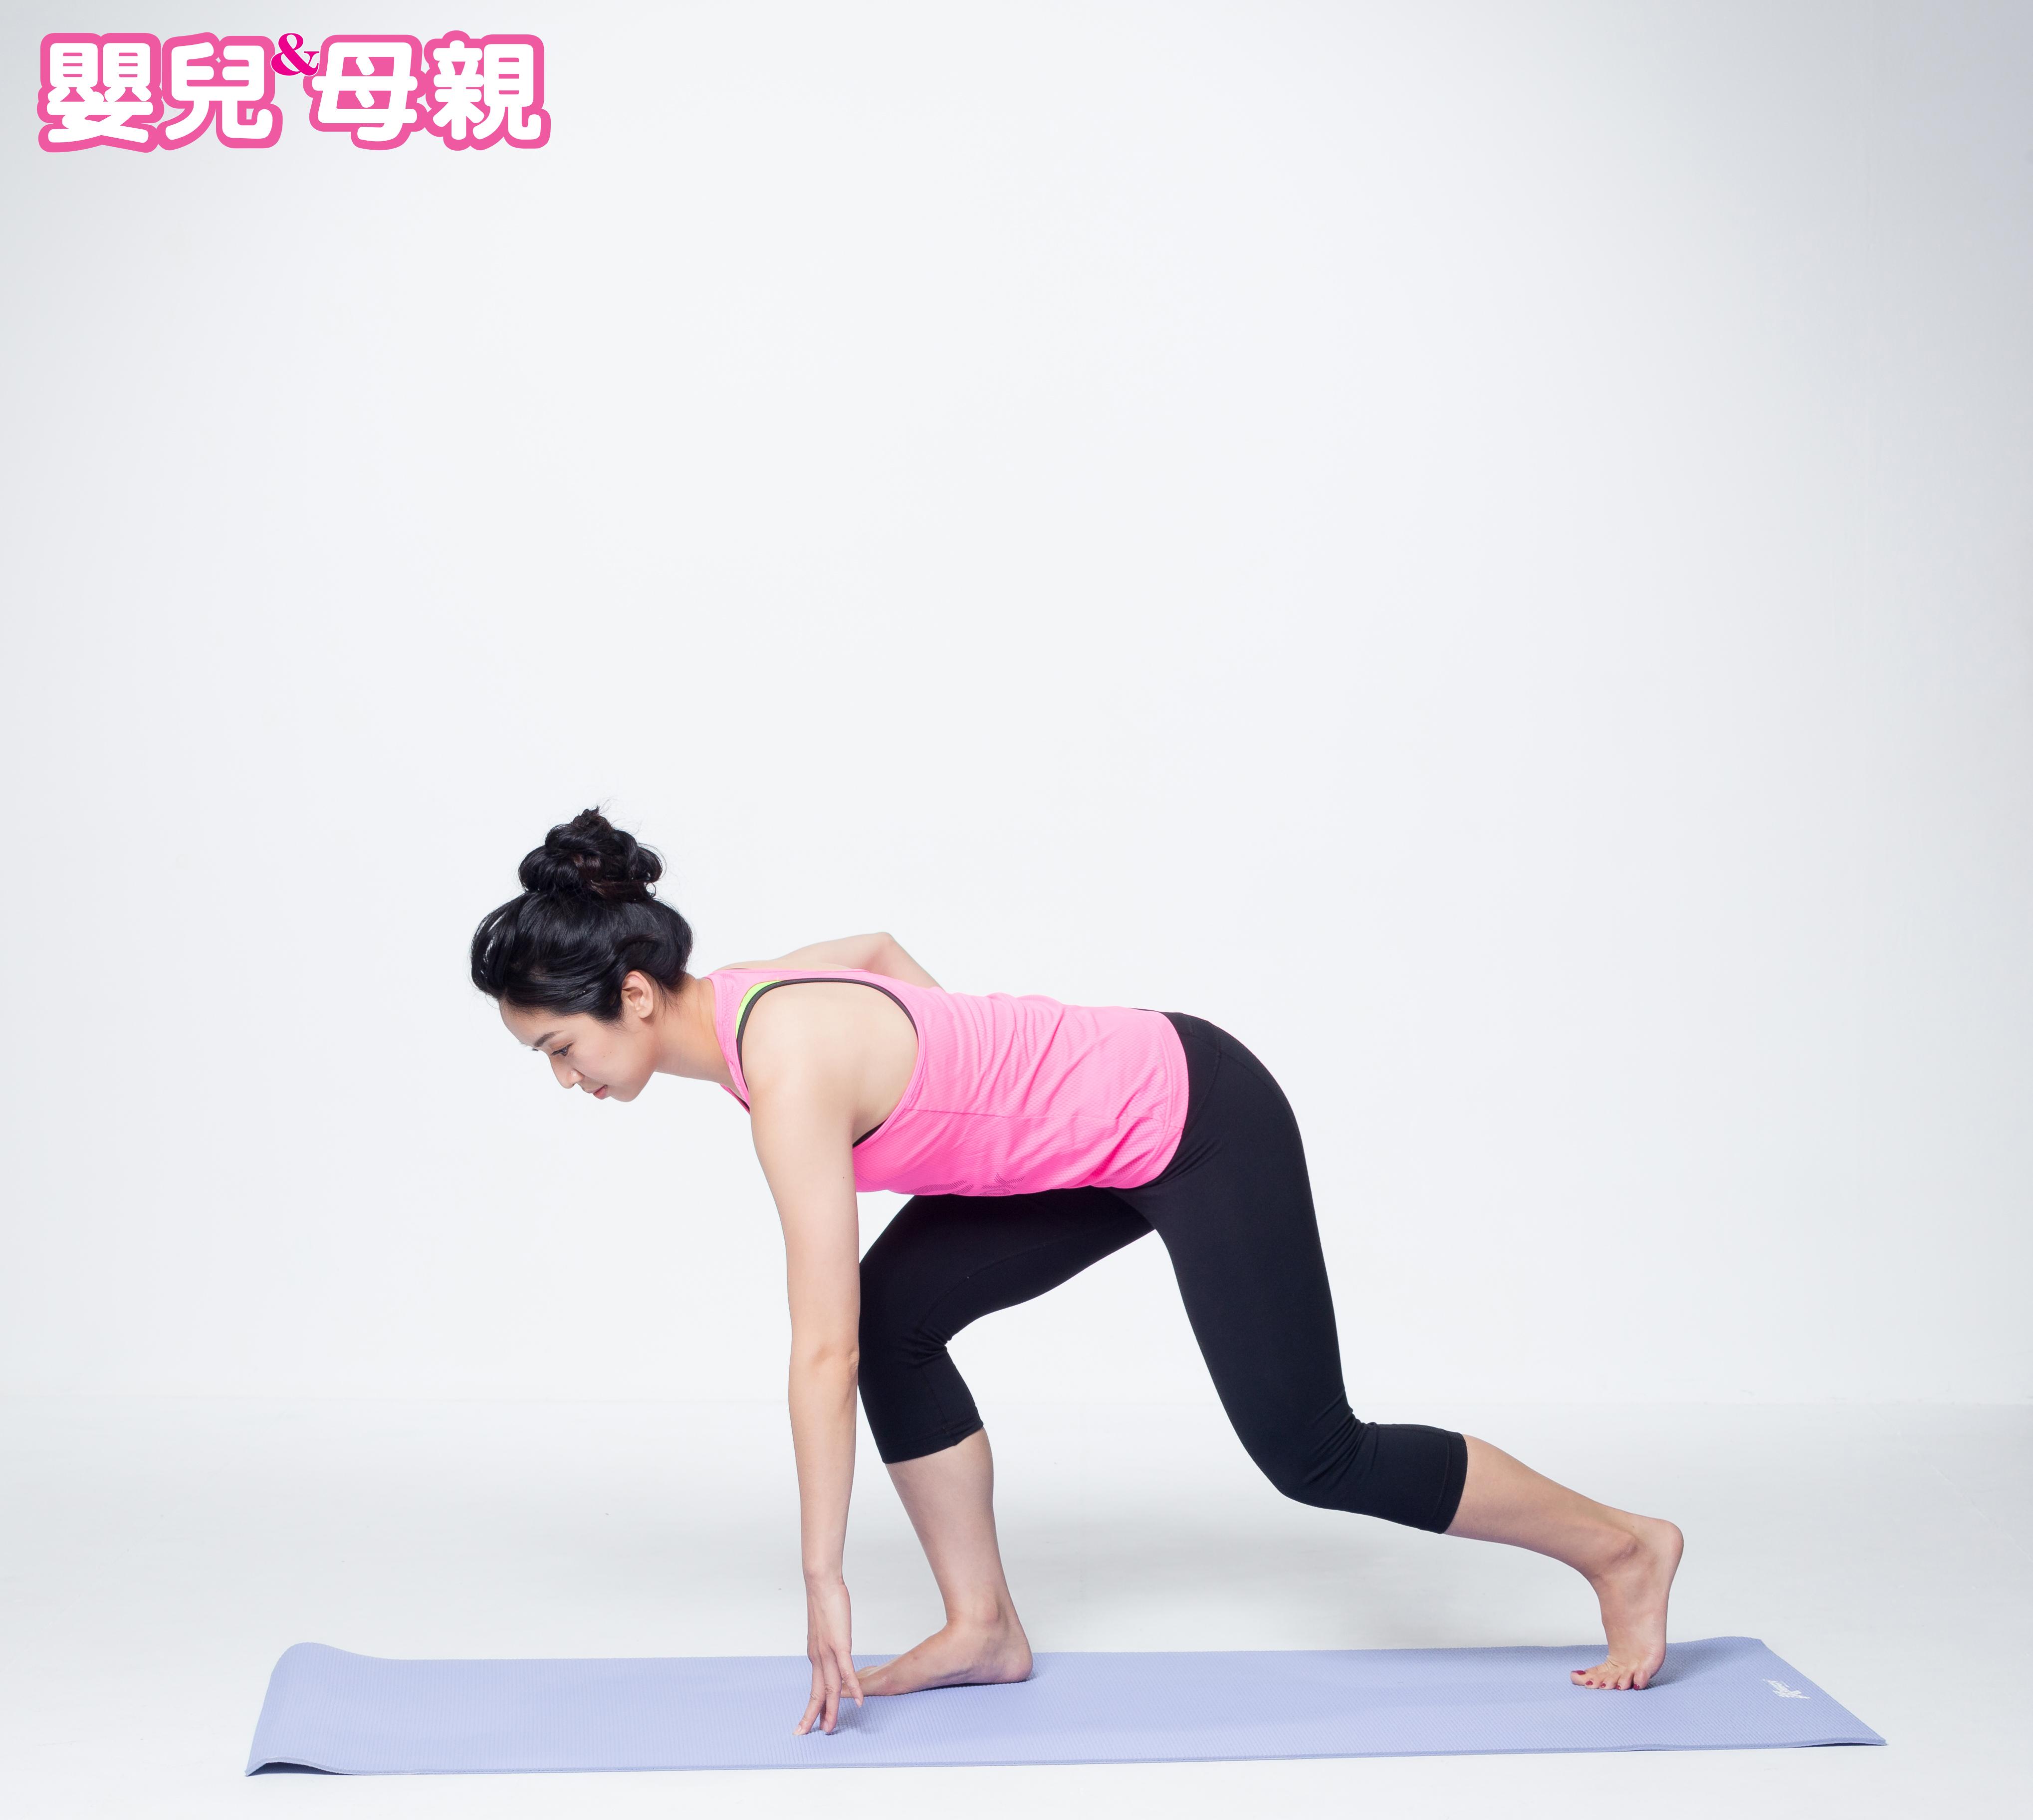 前腳弓後箭步蹲,身體前傾,肩膀超過前腳腳尖的位置,讓前腳臀部支撐身體的力量,後腳腳尖輕輕點地,對側手摸地板。